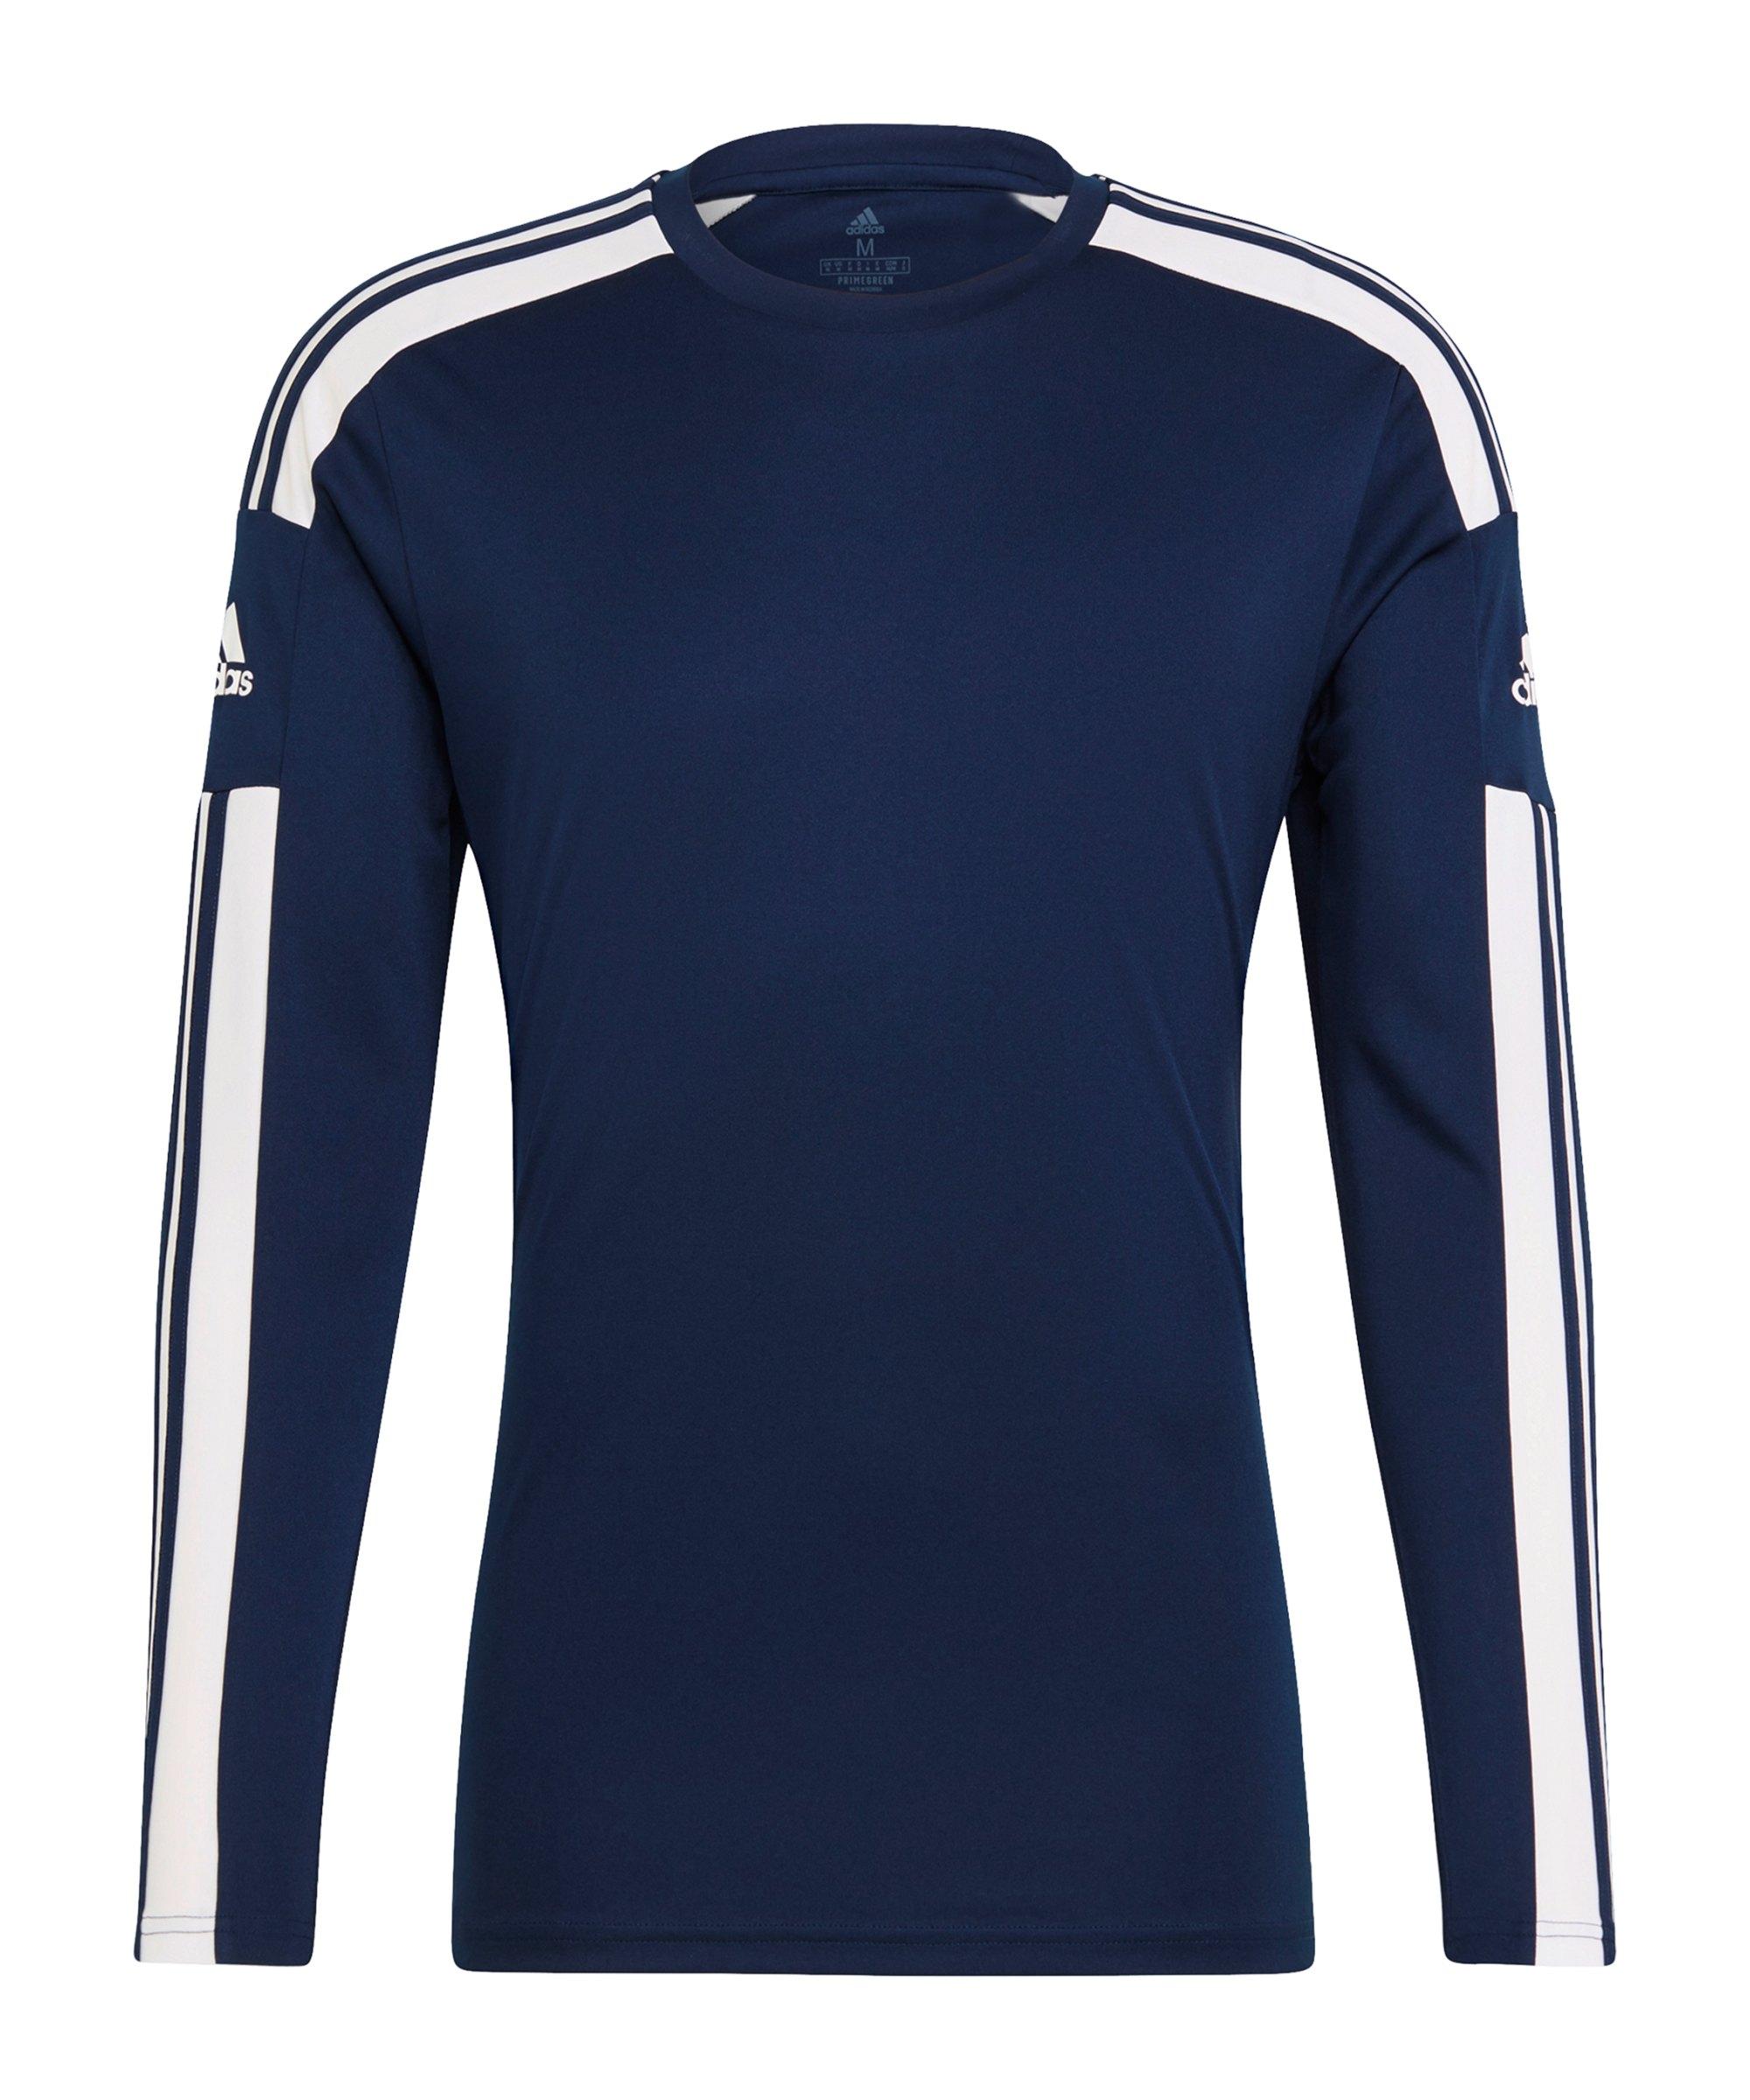 adidas Squadra 21 Trikot langarm Blau - blau